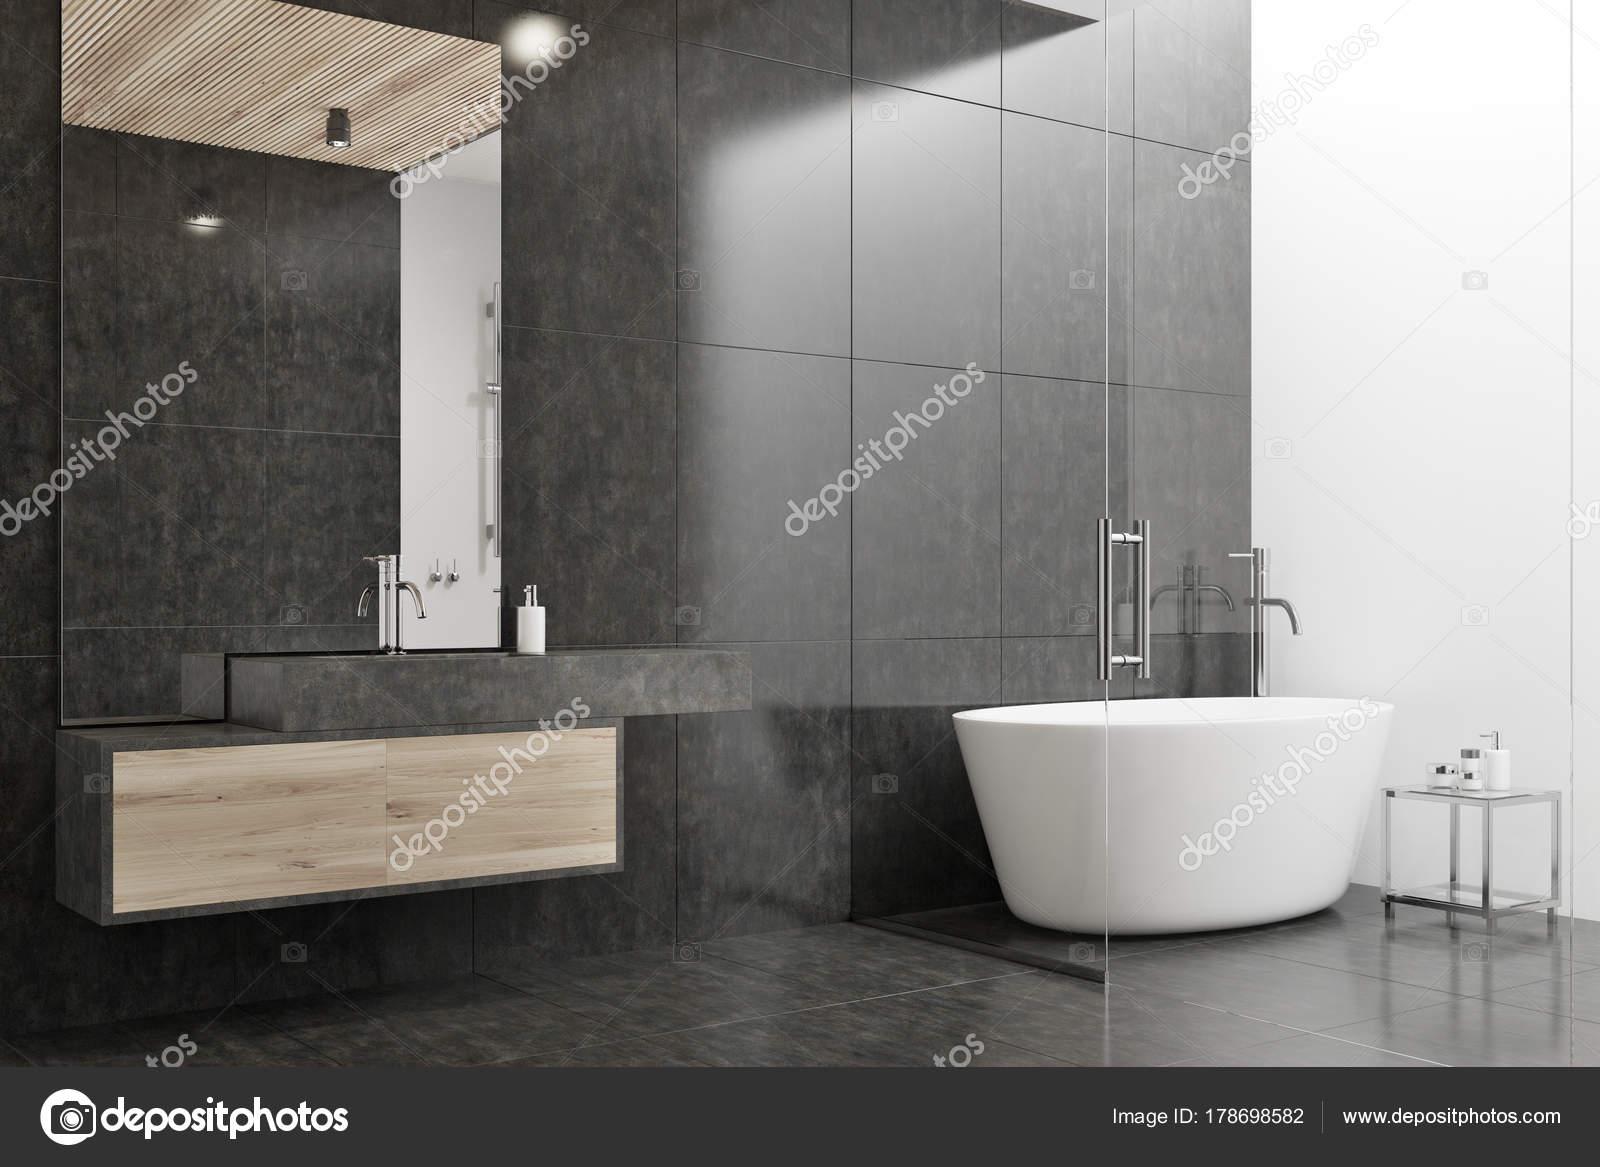 Esquina del cuarto de baño de blanco y negro — Fotos de Stock ...